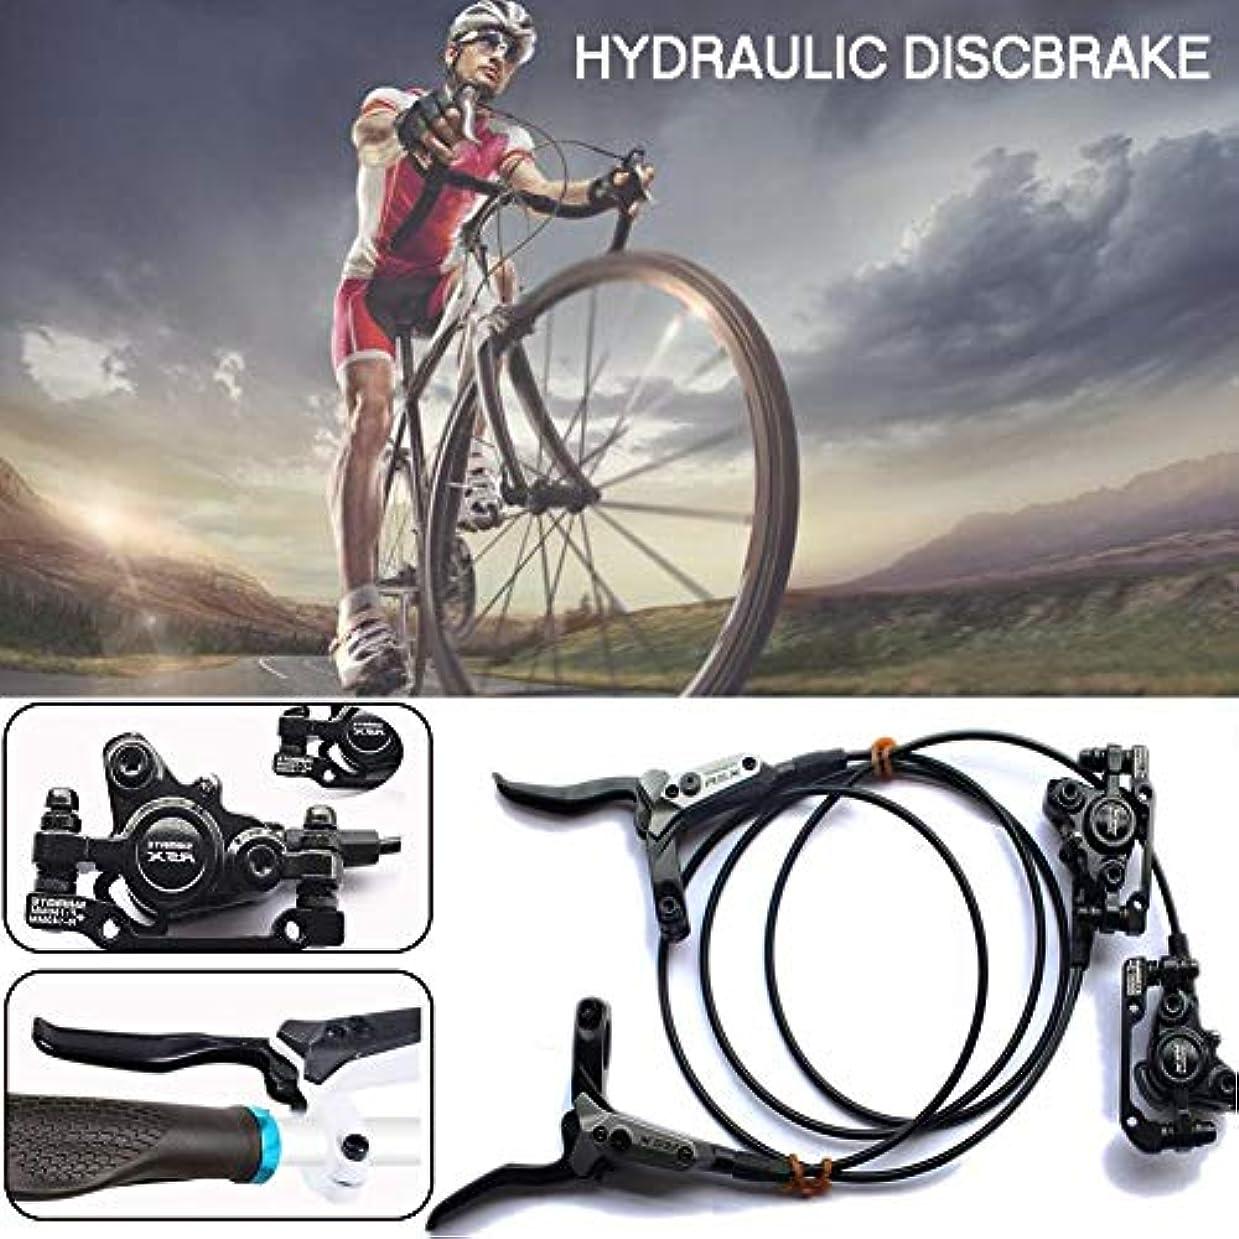 コックかび臭い無効にする油圧ディスクブレーキ油圧ディスクブレーキアルミ合金錆抵抗ライニング自転車ギアアクセサリーブラックブレーキ